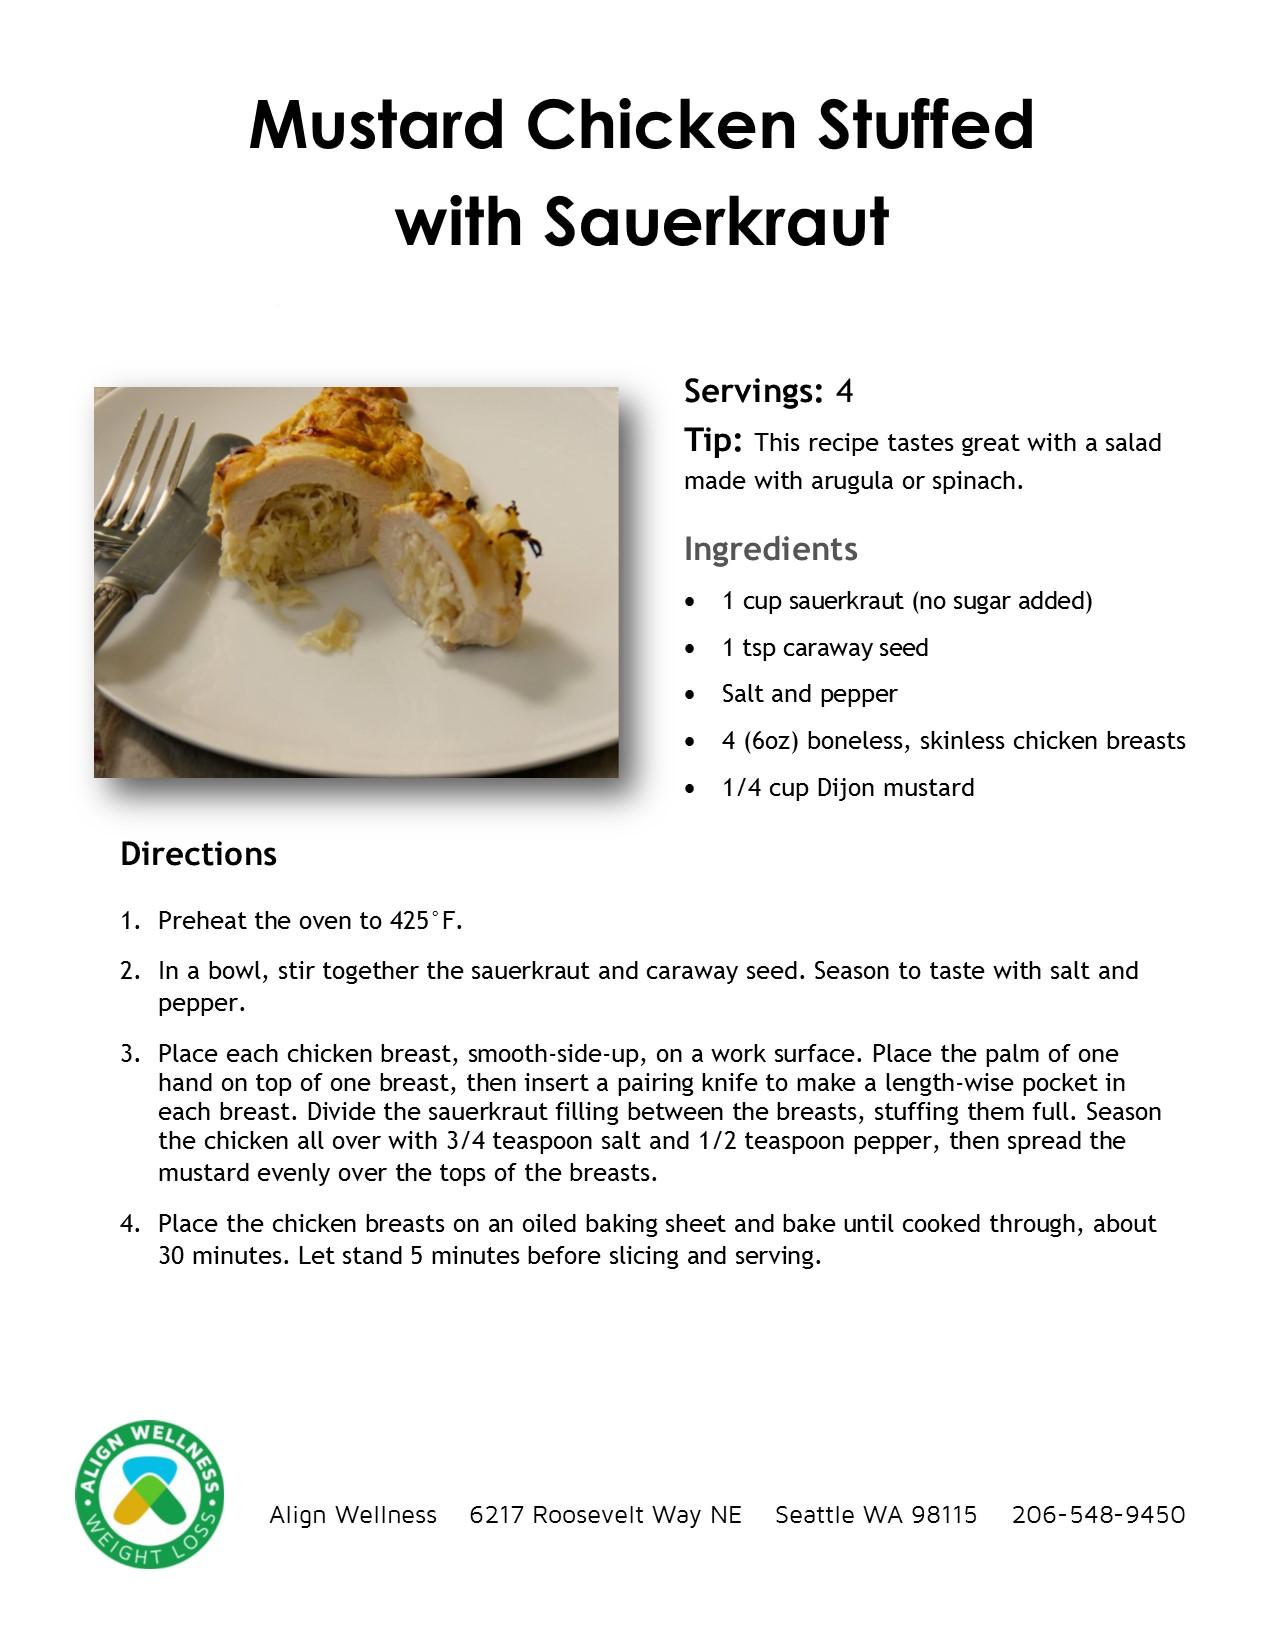 Mustard Chicken Stuffed with Sauerkraut Ideal Protein Recipe